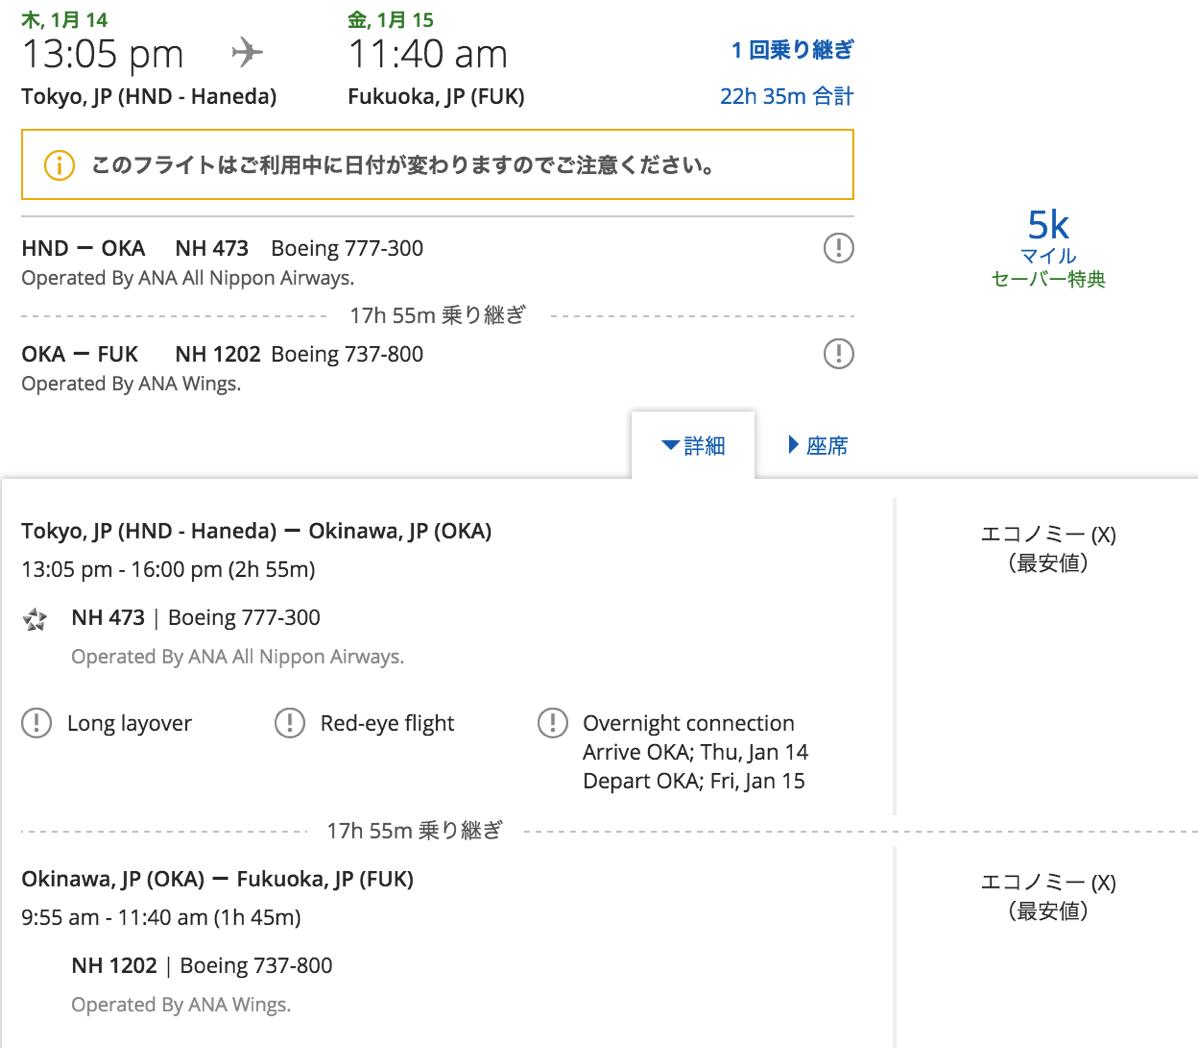 東京 → 福岡を那覇経由